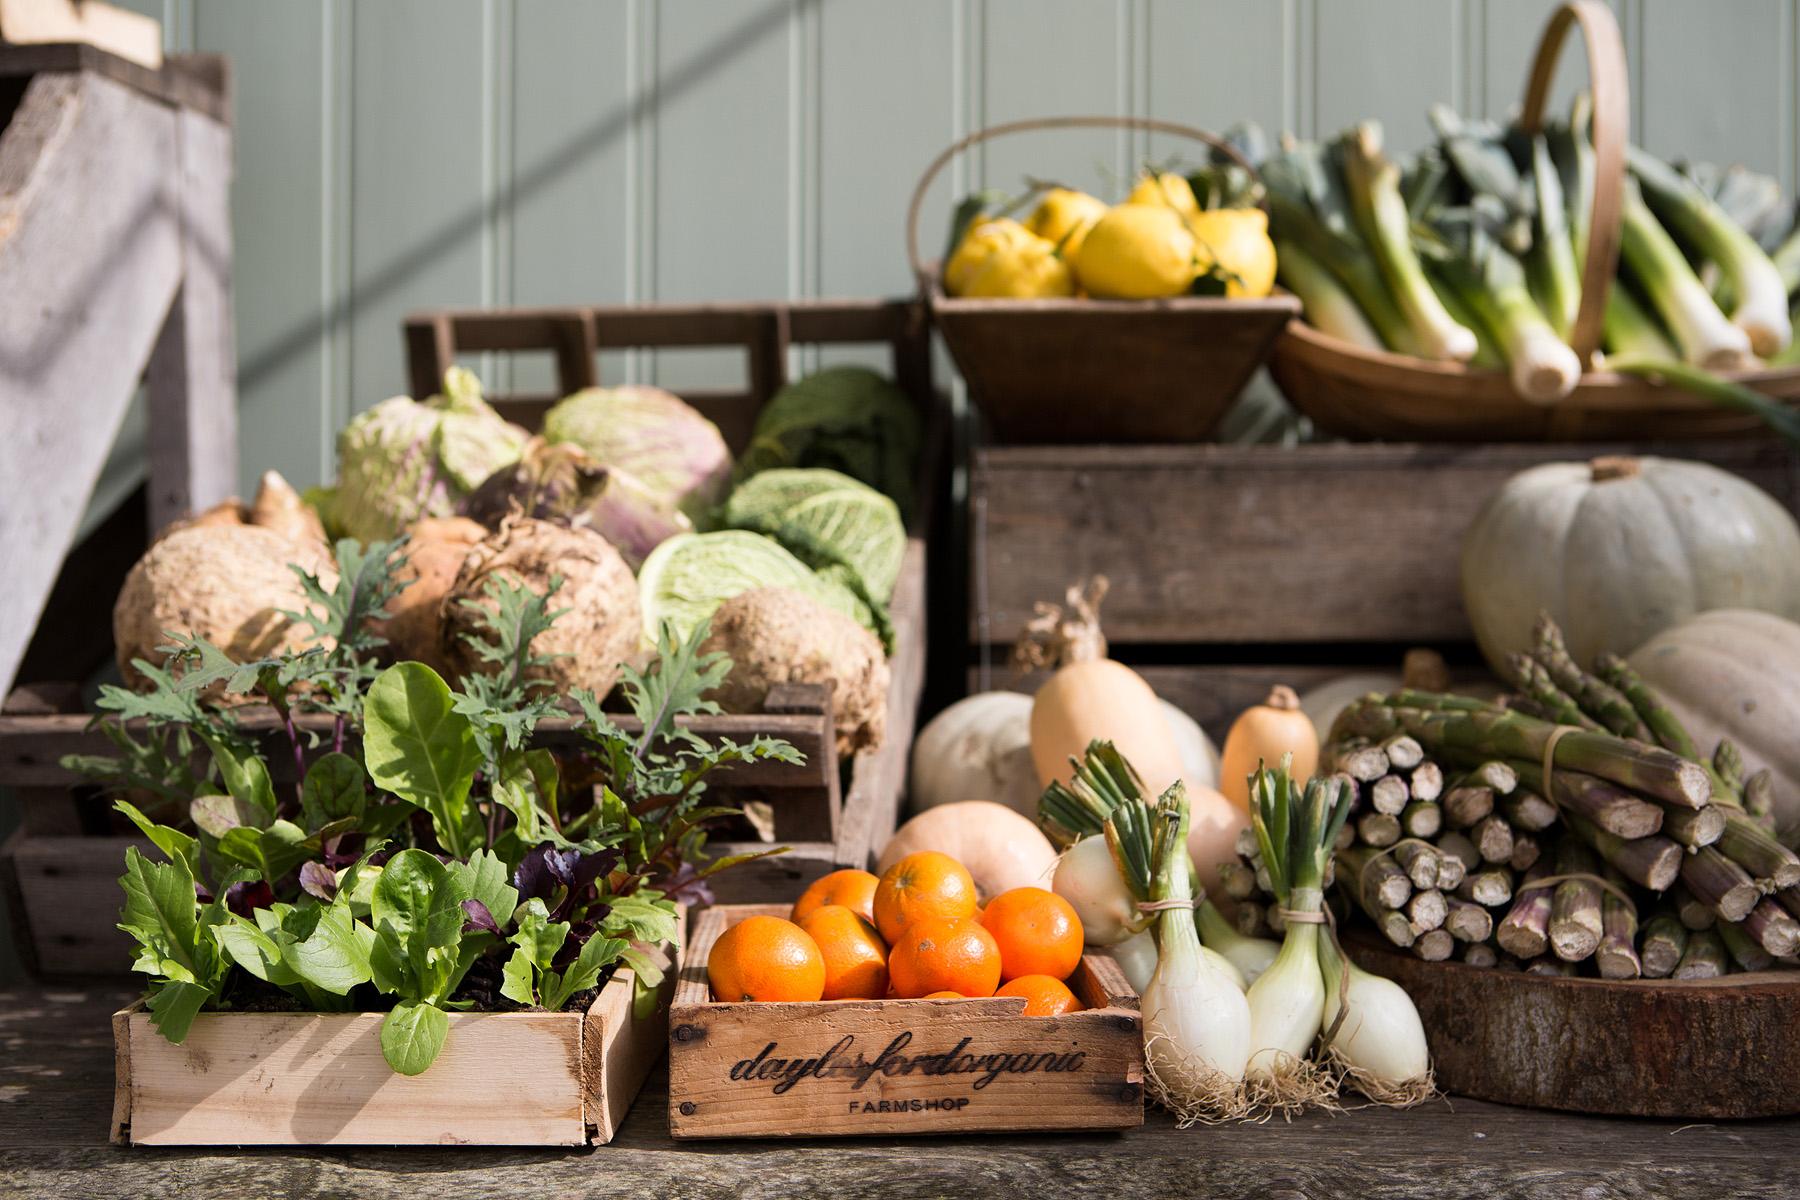 Daylesford_farmshop.jpg